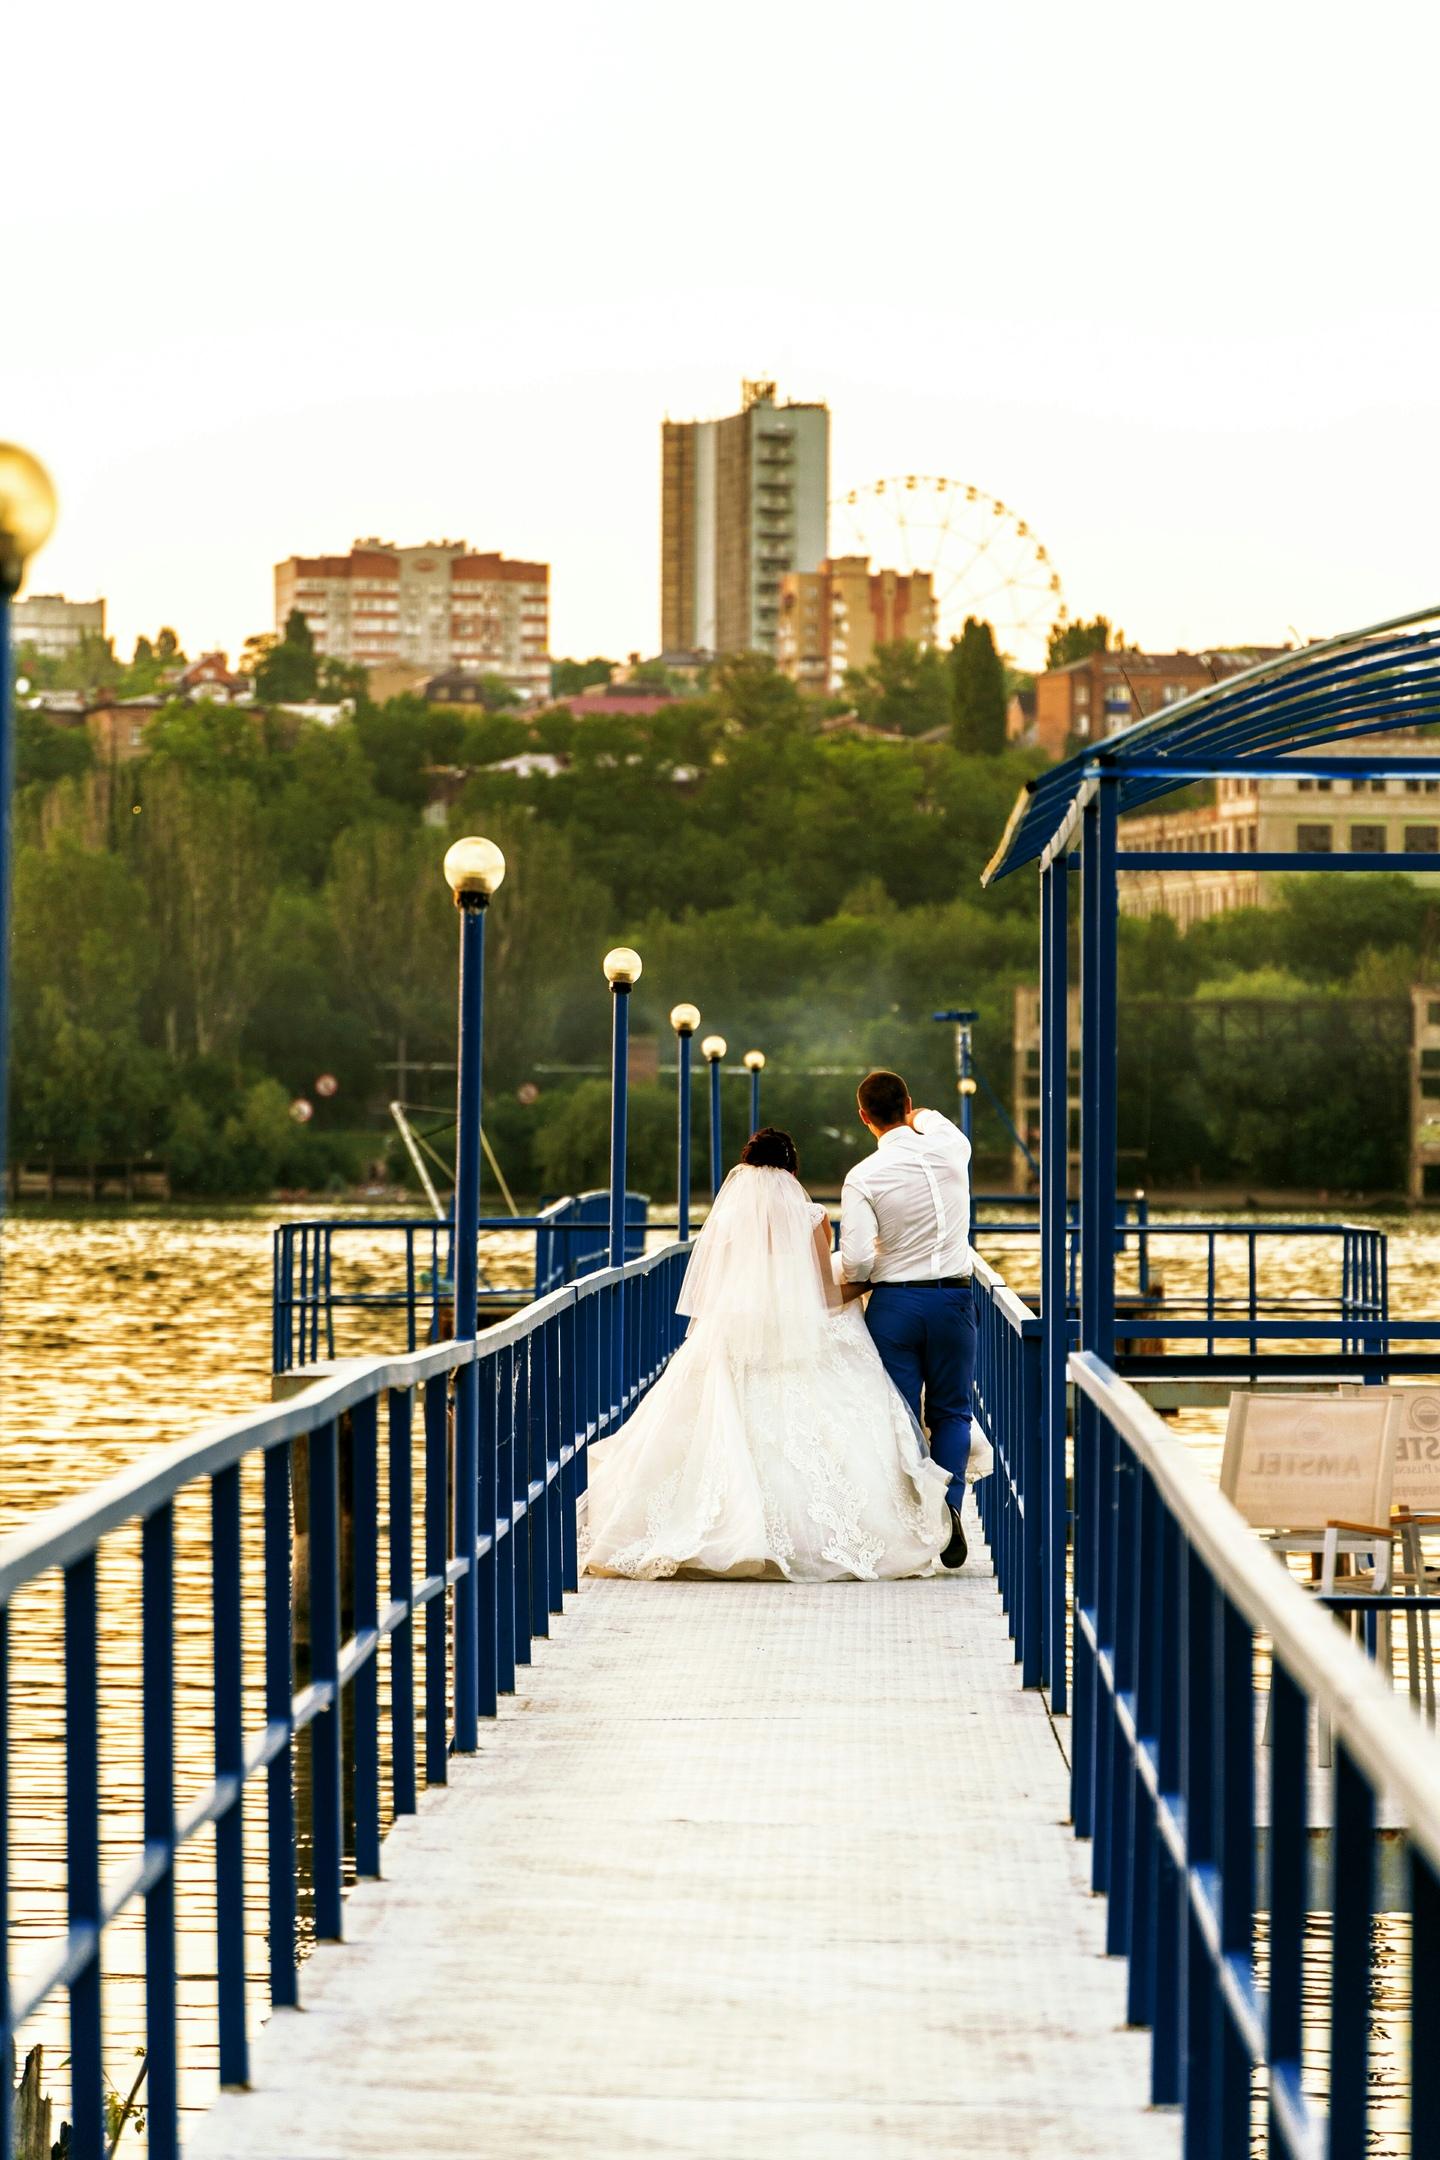 Видеосъемка свадьбы среднего уровня7890-